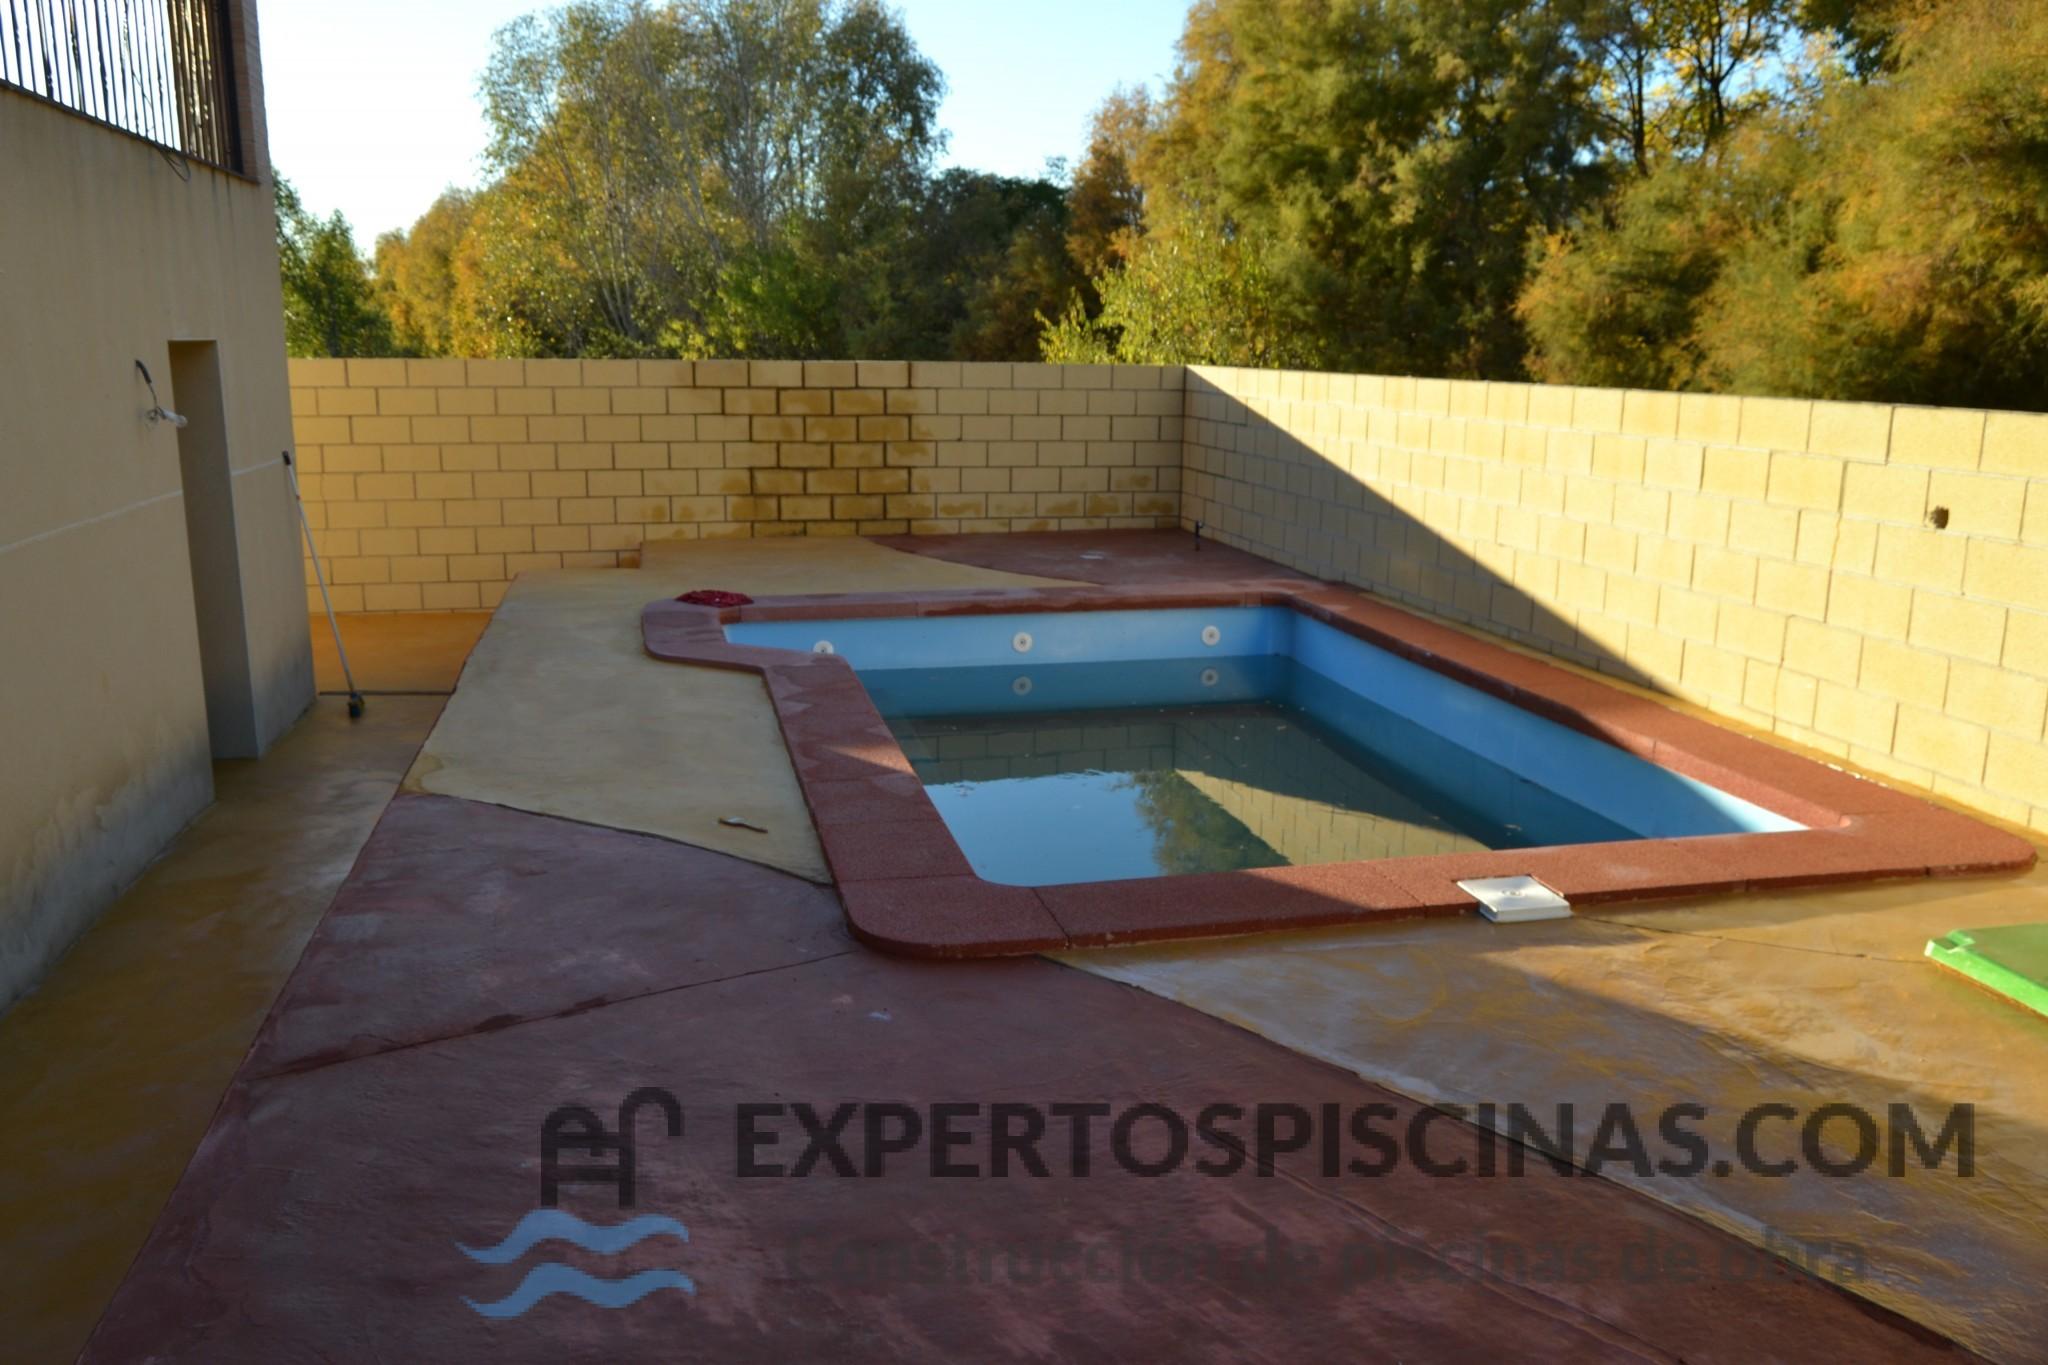 Piscinas de fibra construcci n de piscinas en madrid for Construccion piscinas madrid